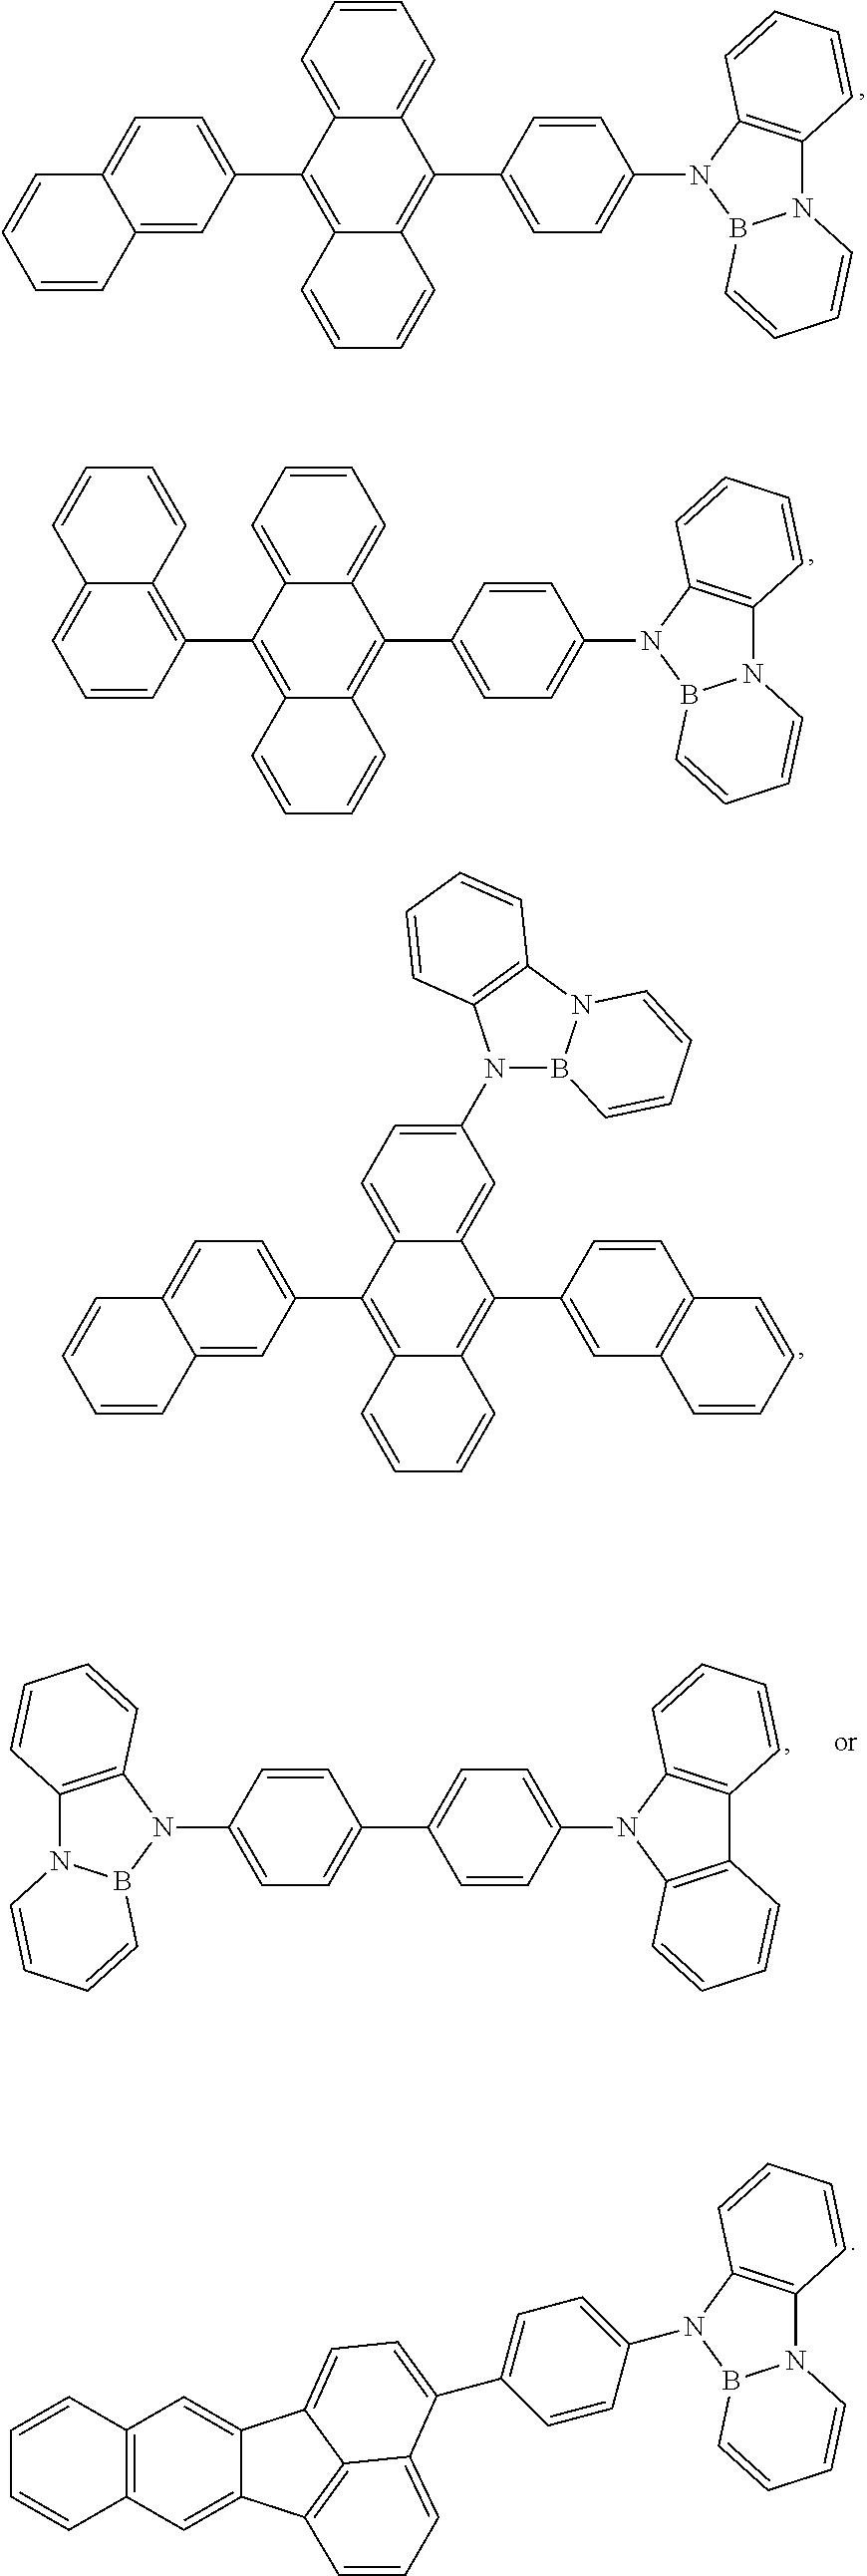 Figure US09287513-20160315-C00018